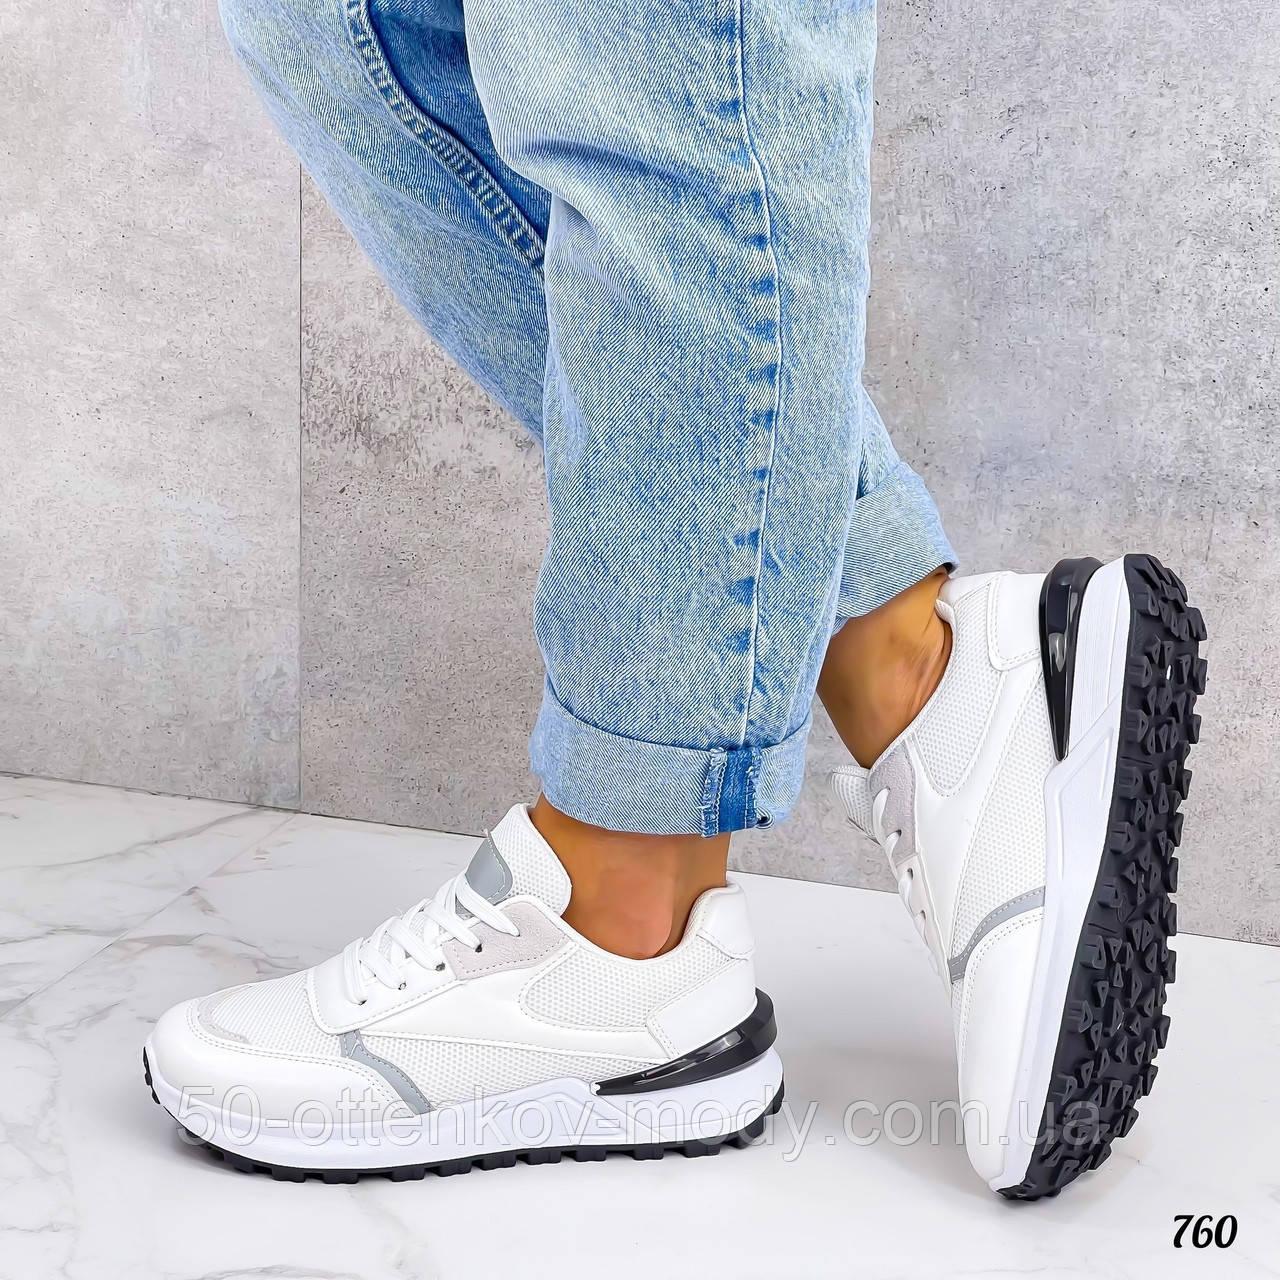 Жіночі кросівки на масивній підошві білі чорні сірі